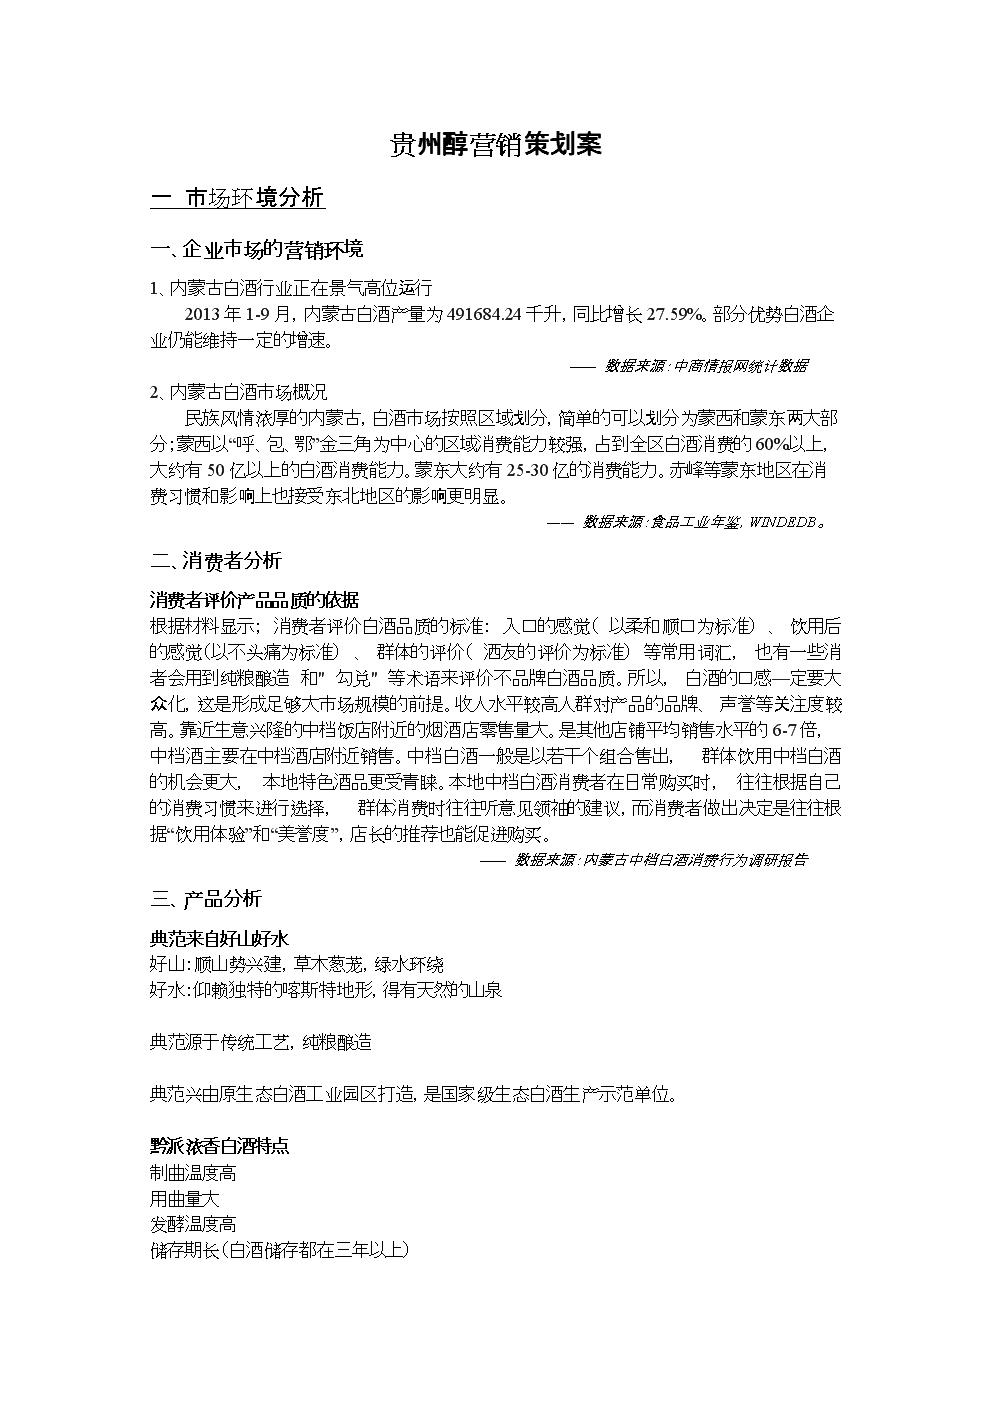 贵州醇营销策划案.doc